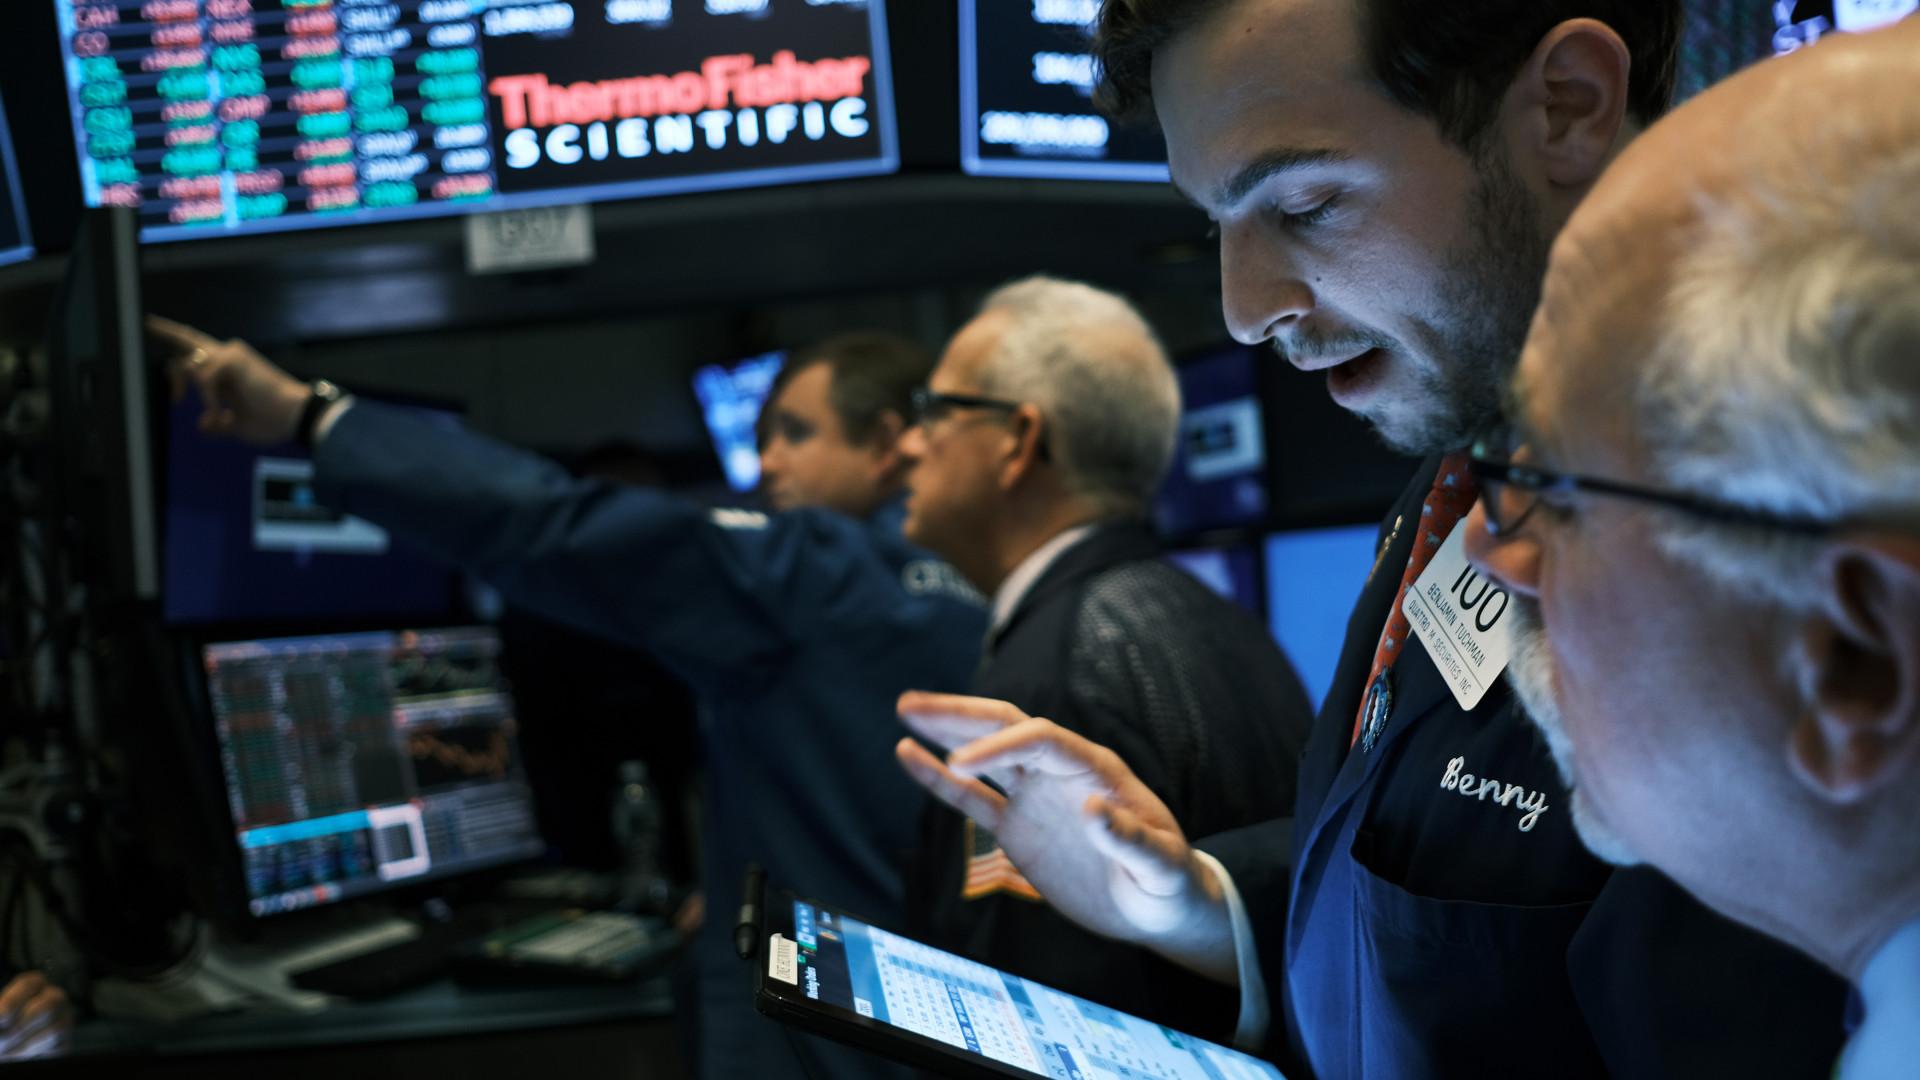 Mi az a befektetés, és hogyan kell okosan befektetni? - Szendrei Ádám